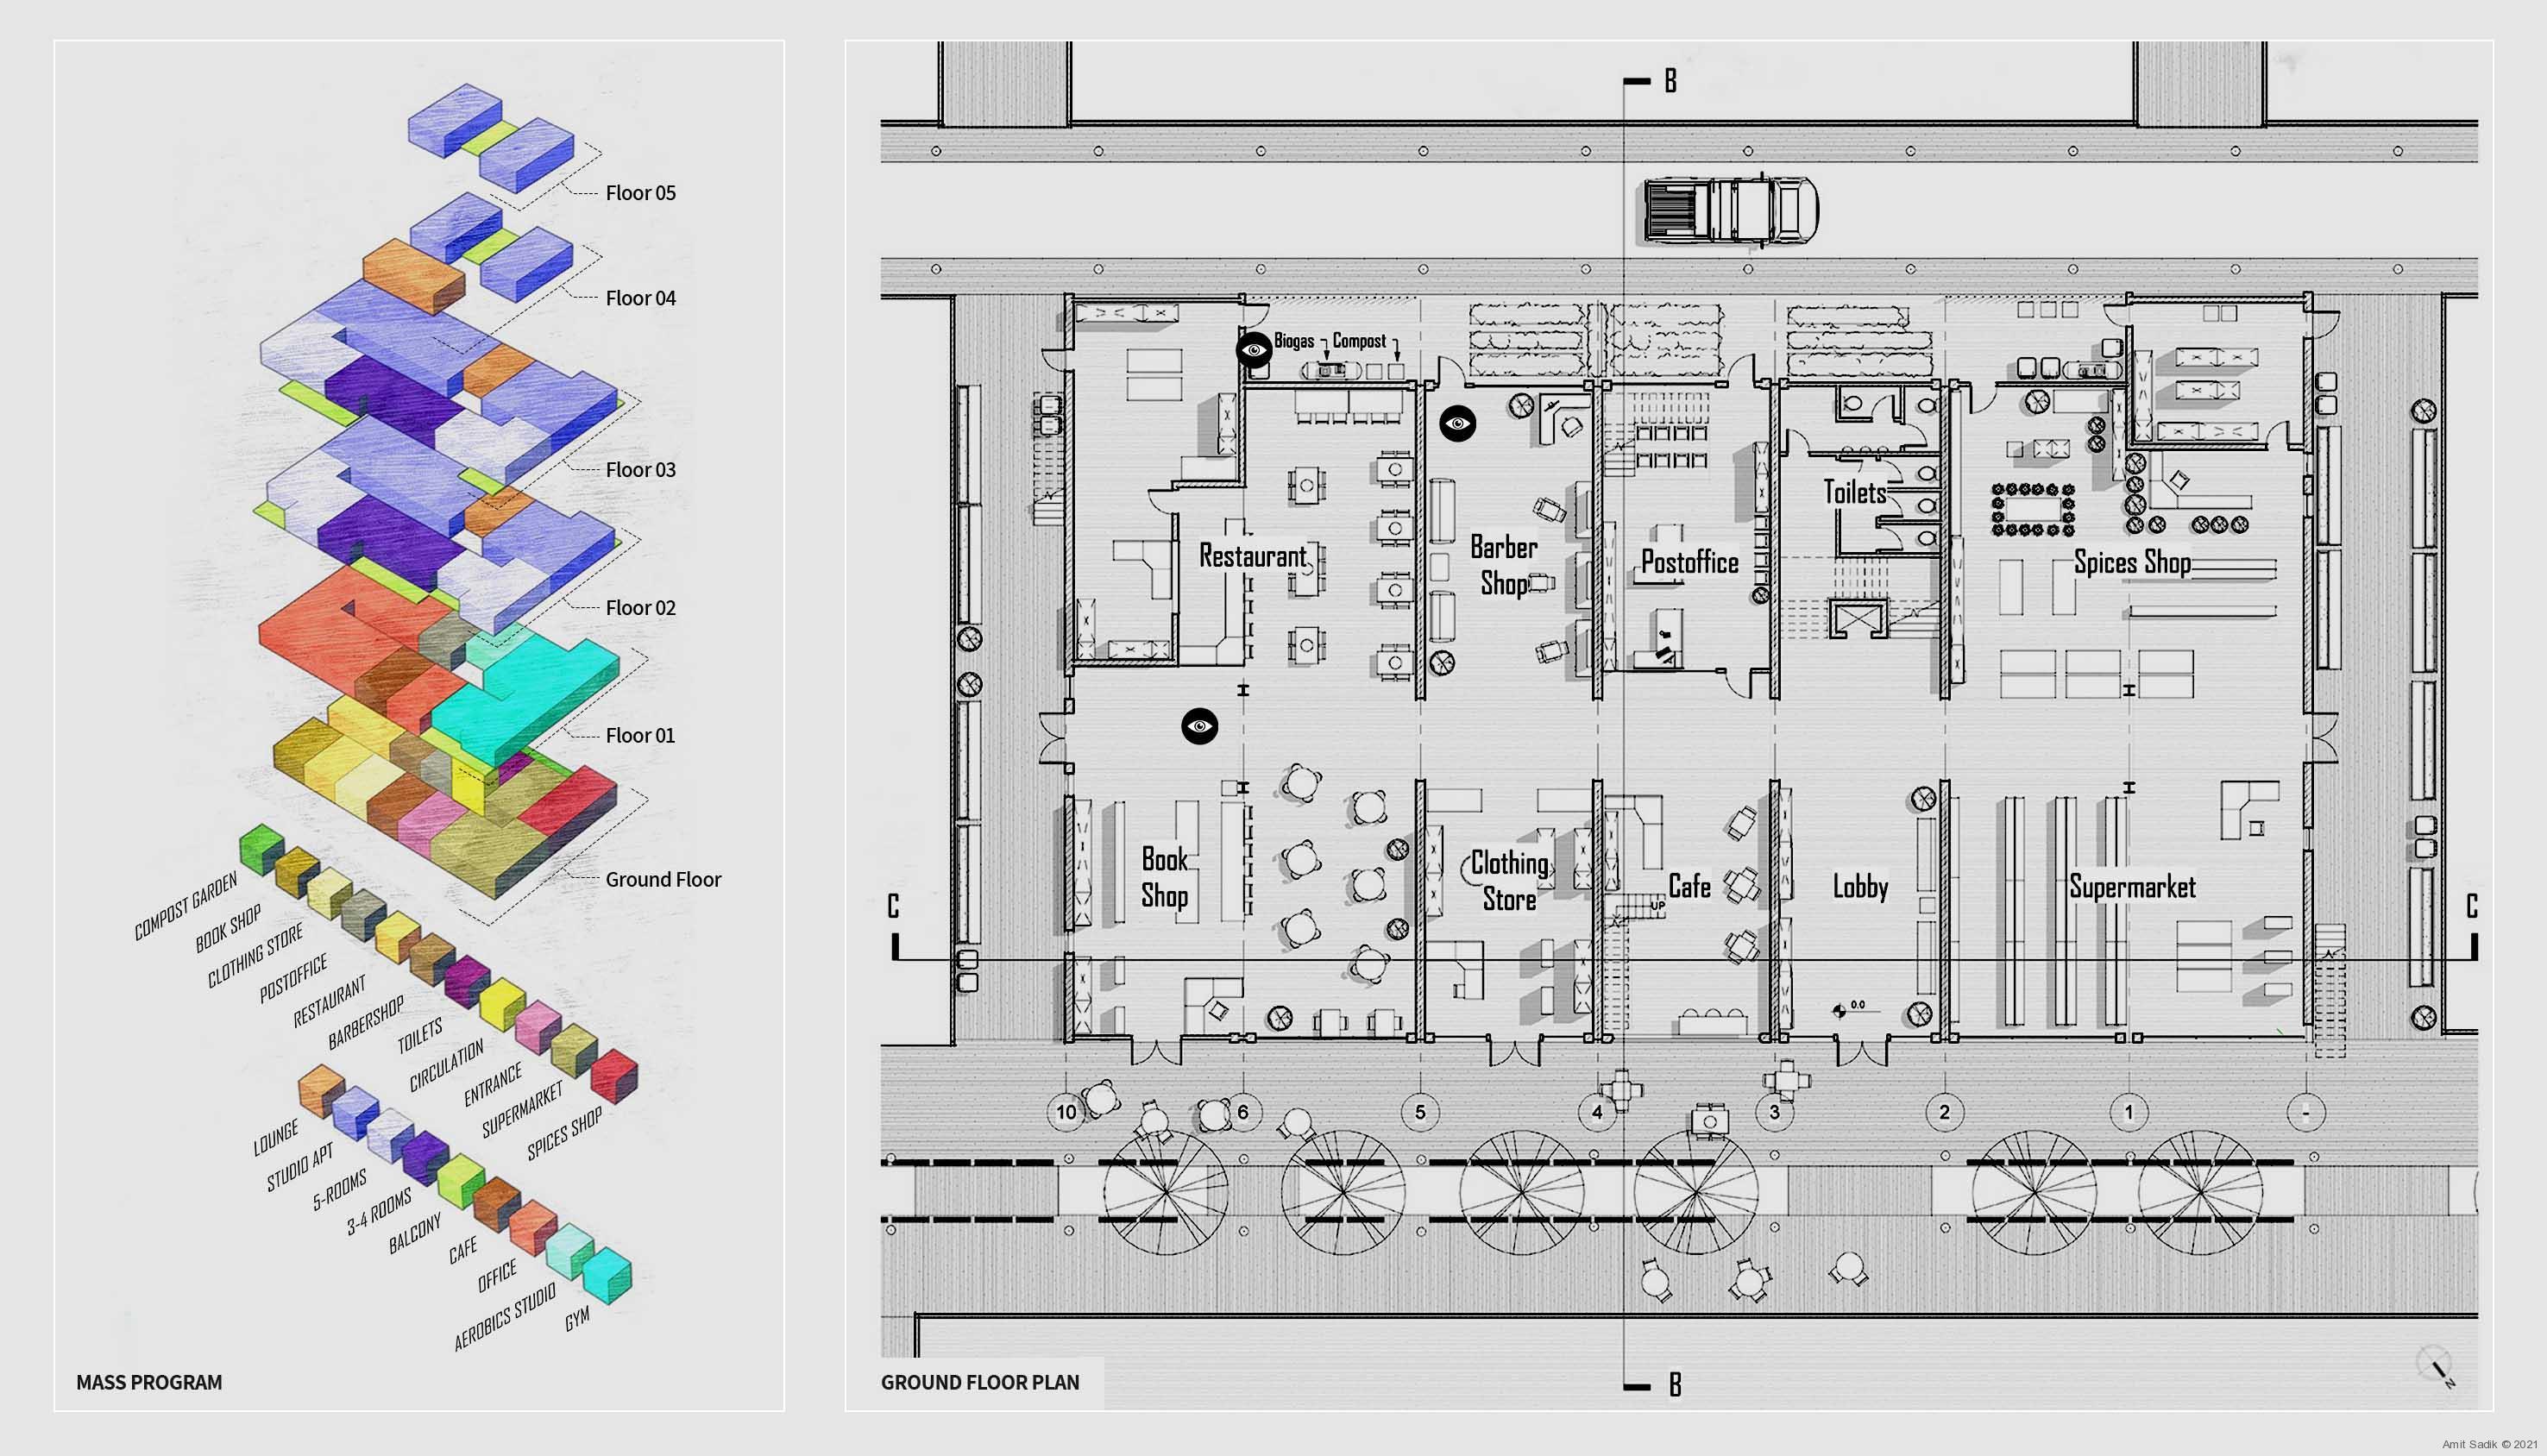 Shophouse 2.0 plan, Mass program